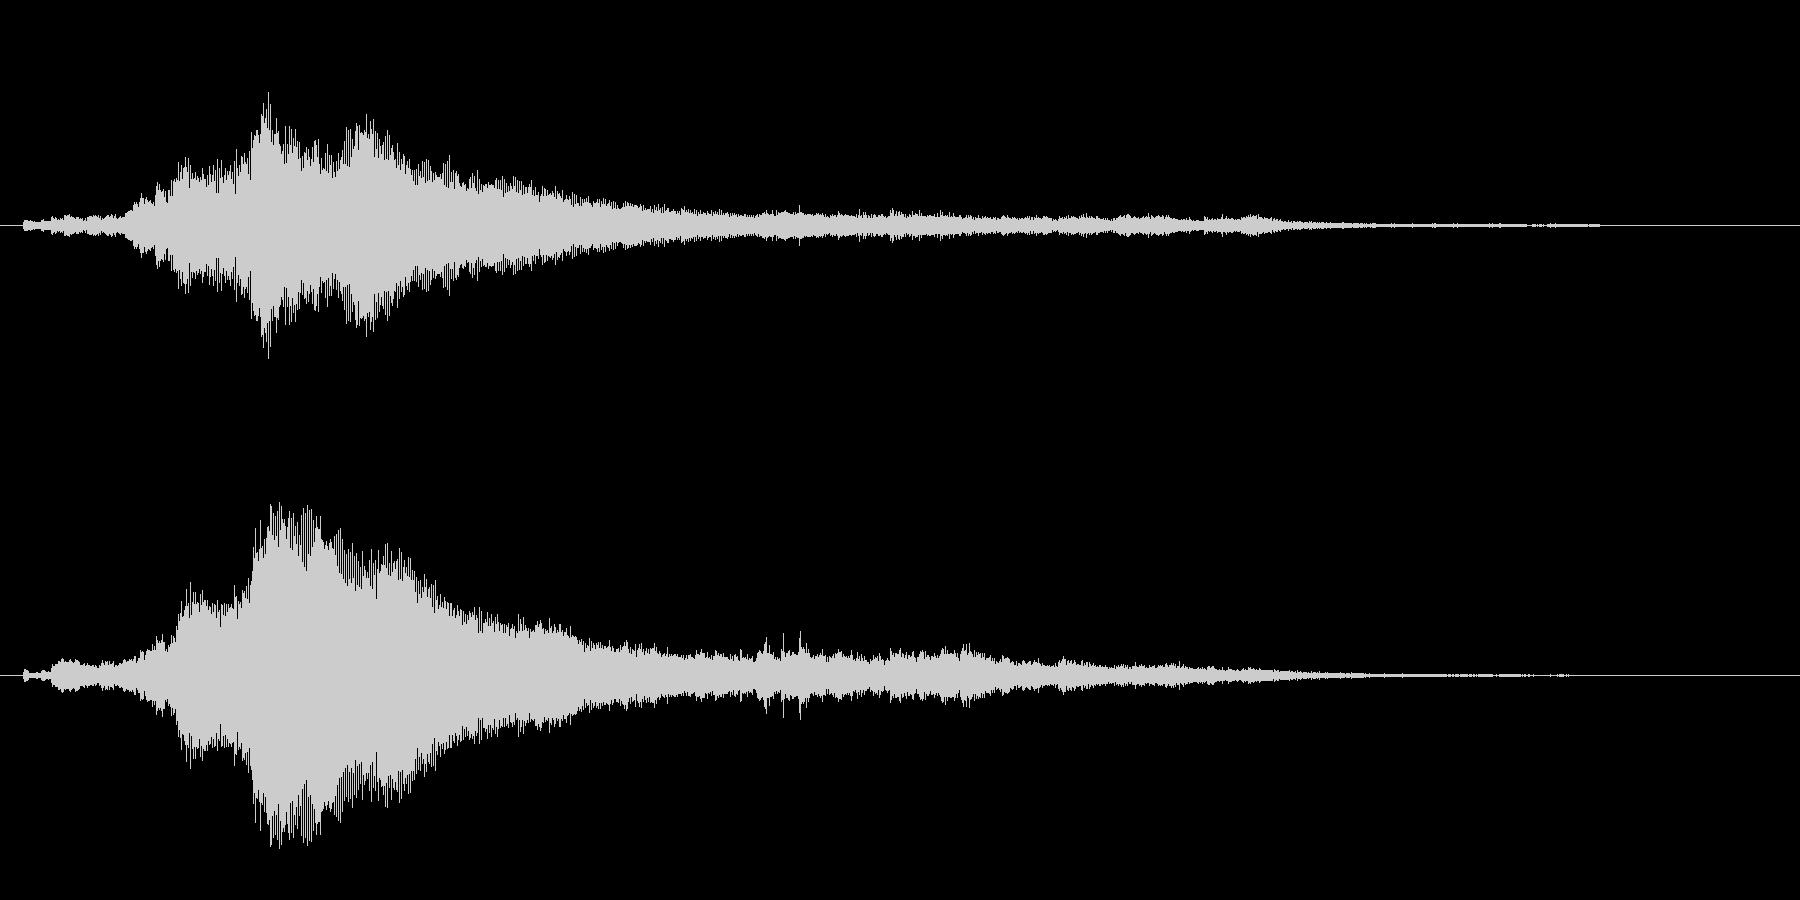 キラーン(キラキラした雰囲気)の未再生の波形